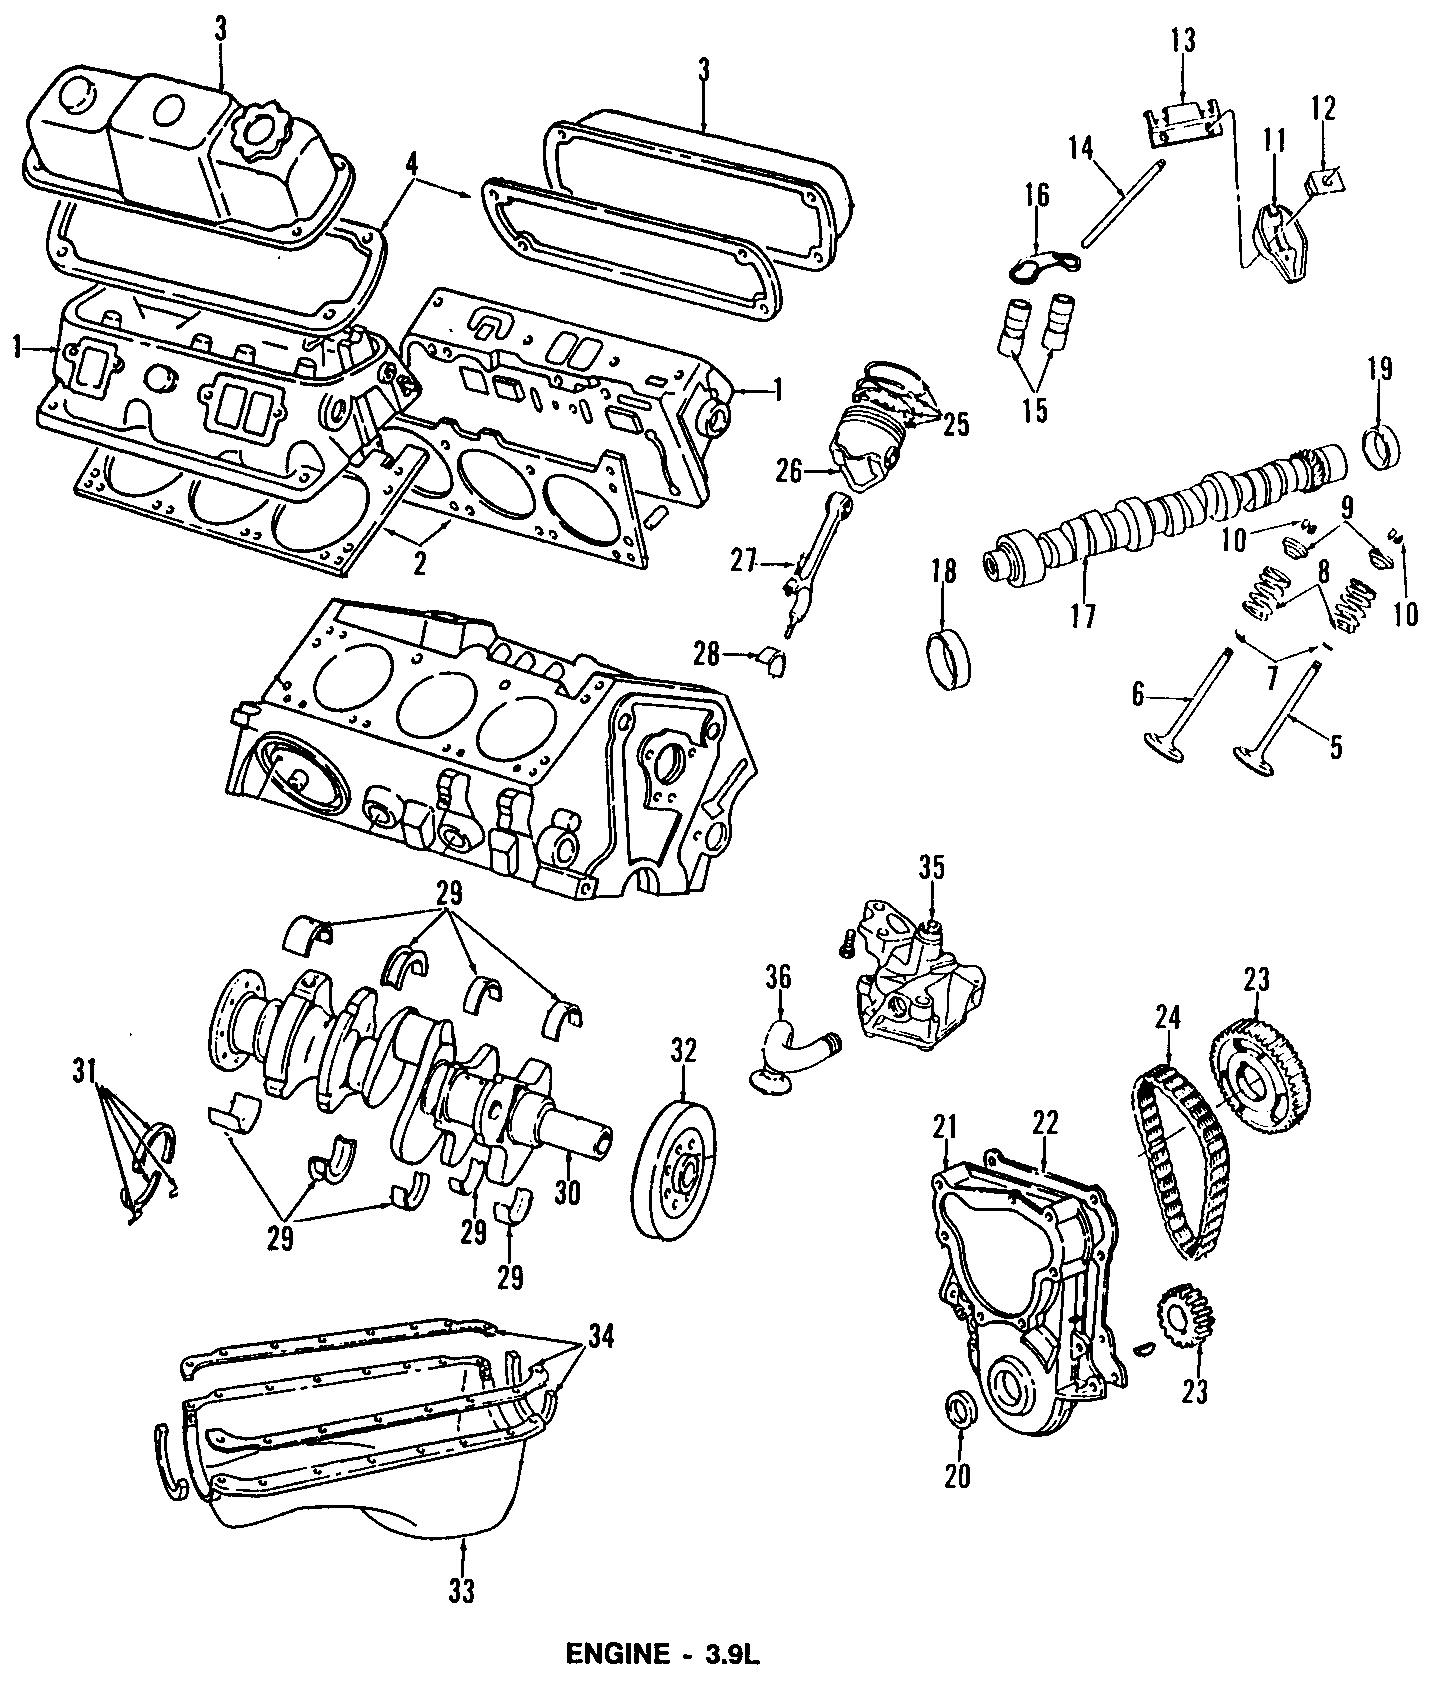 Dodge D250 Engine Timing Cover Gasket. LITER, CYLINDER